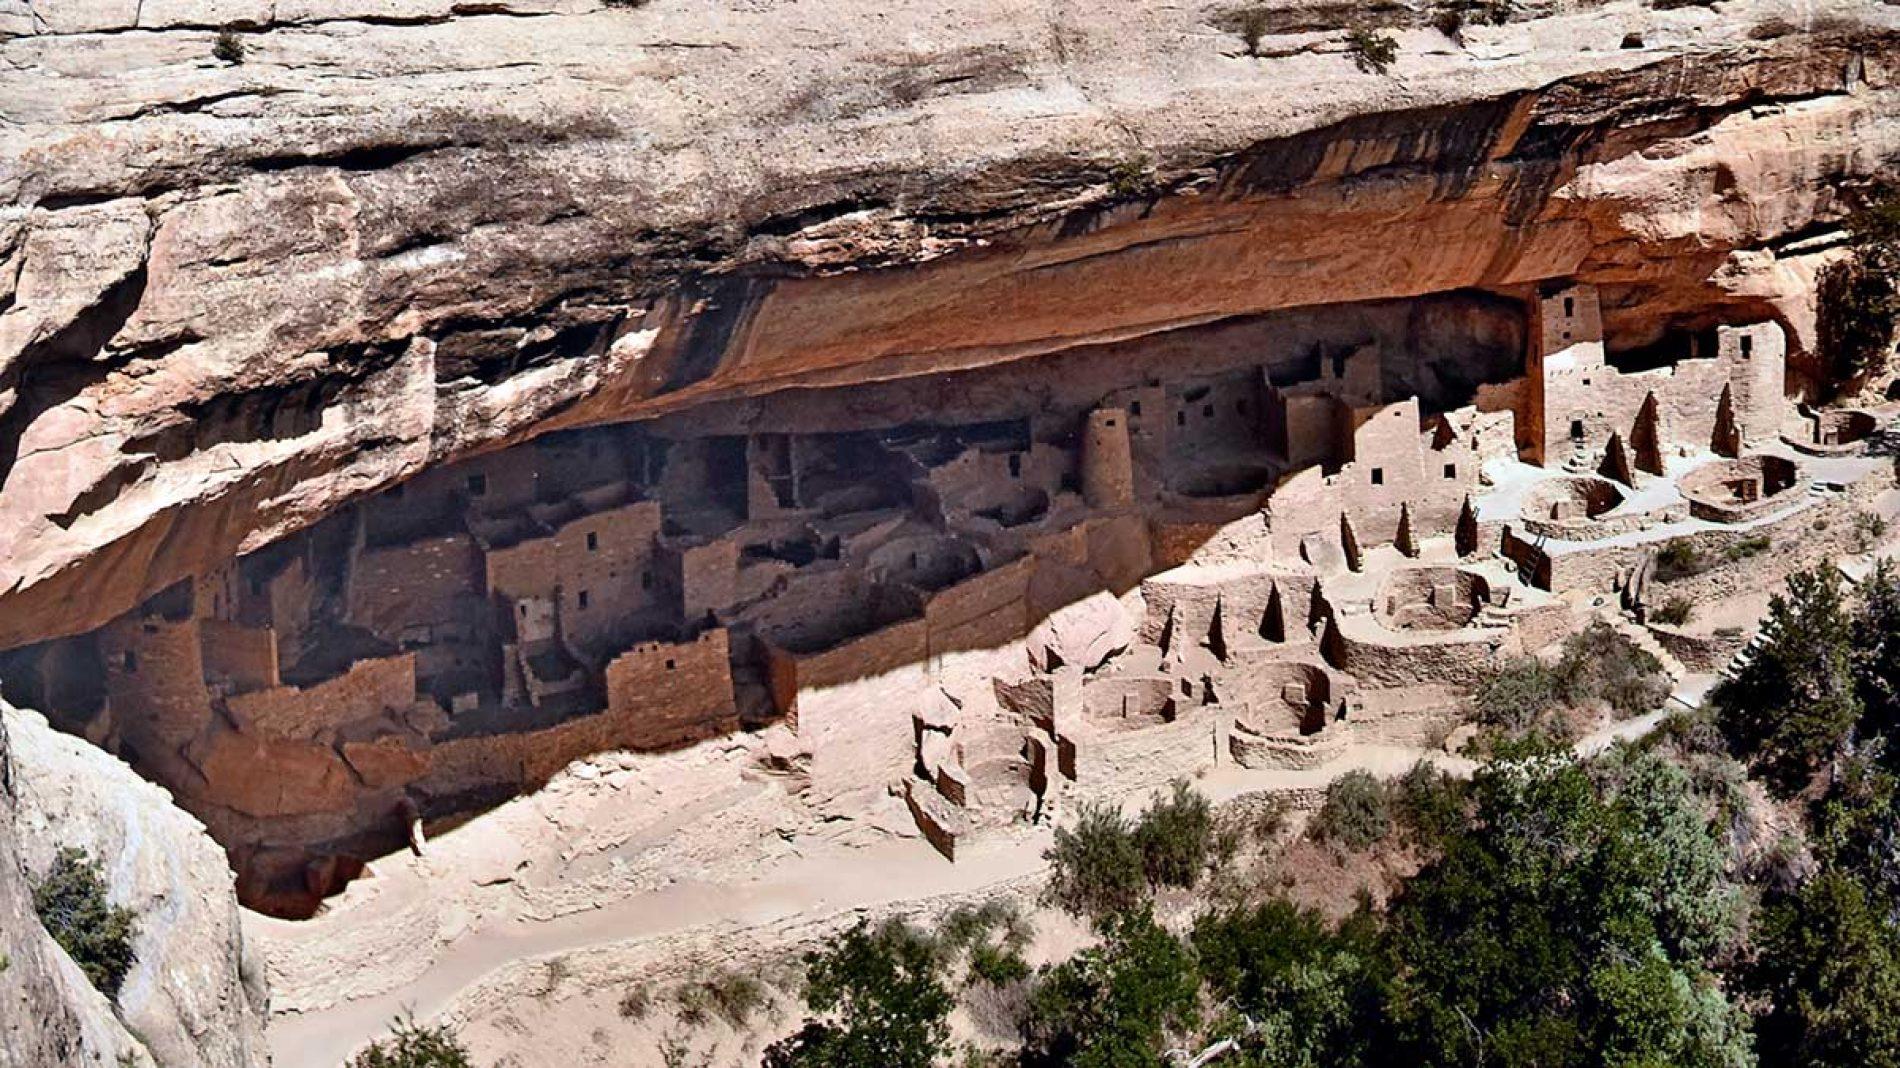 Indiani Anasazi, Il Popolo Ancestrale